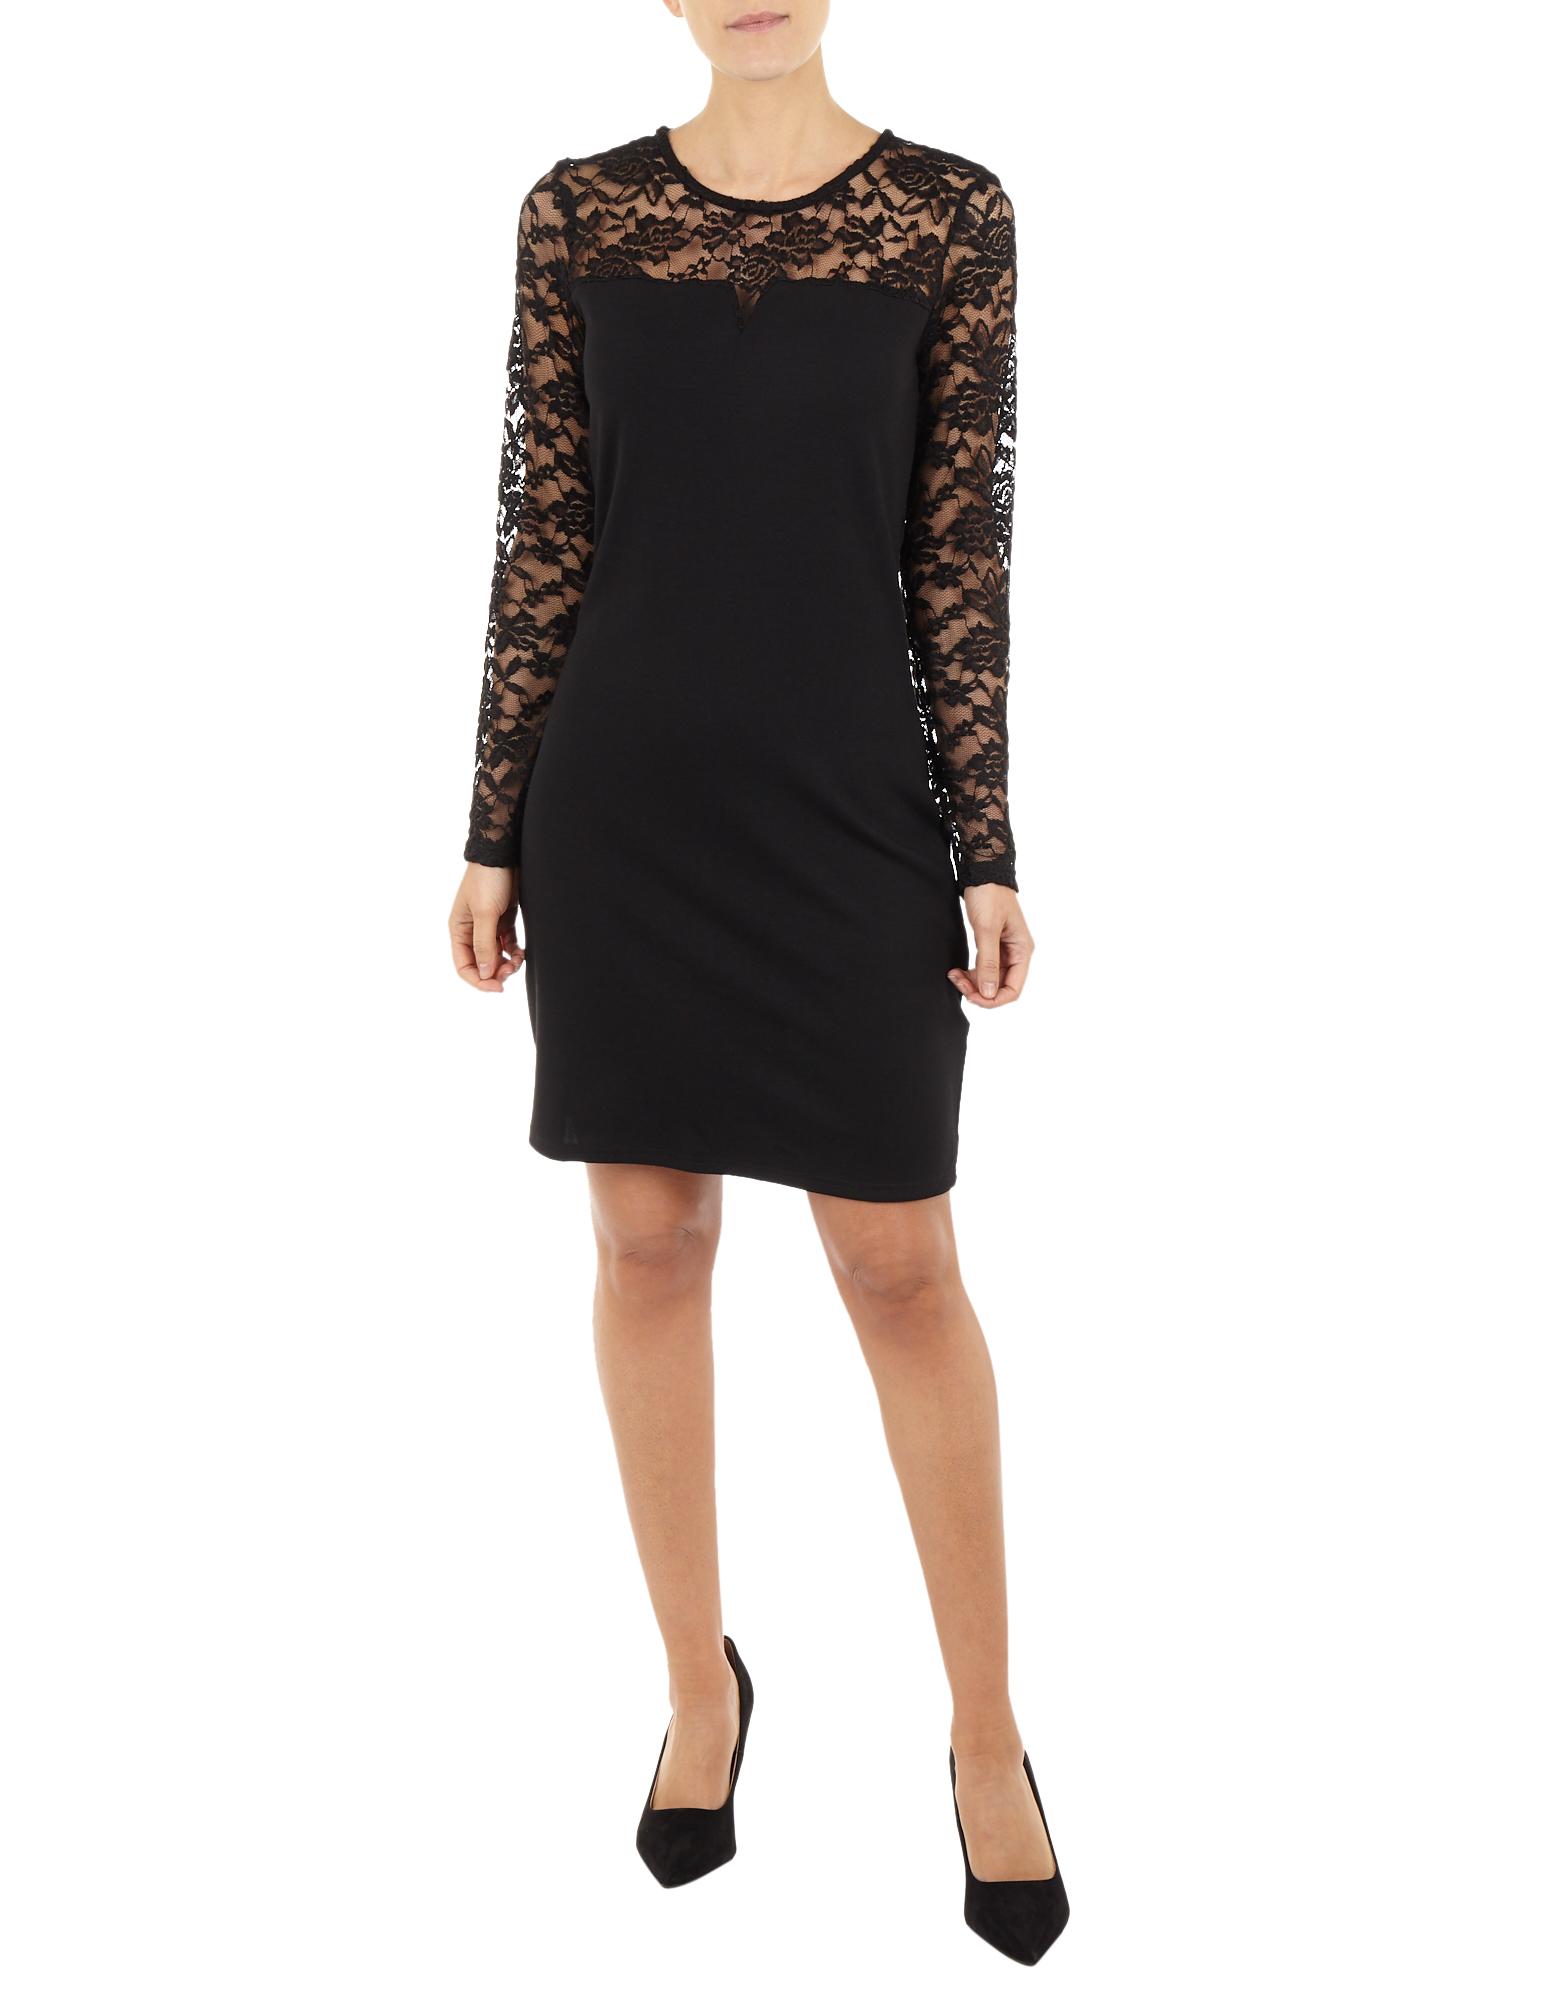 Damen Kleid mit Spitzeneinsatz schwarz | 81546991800205